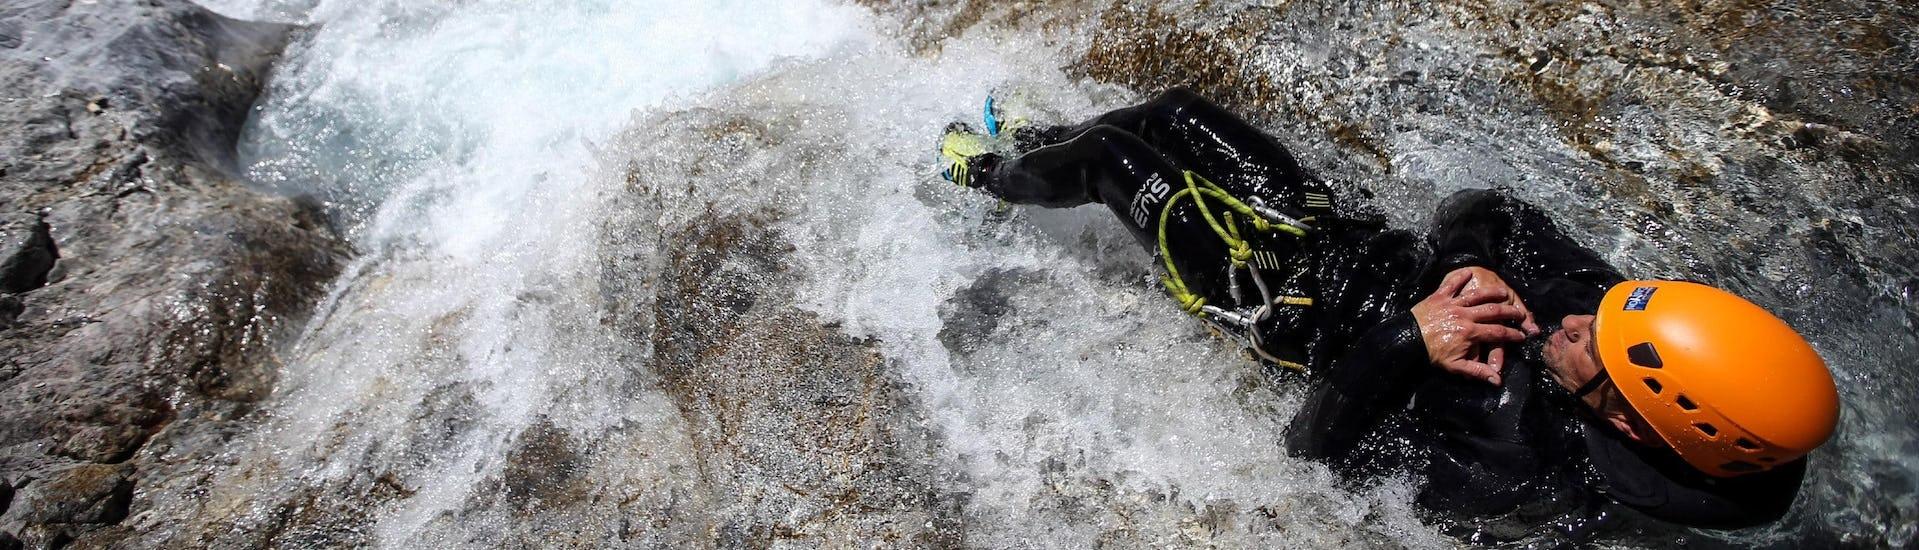 Un homme descend un toboggan naturel lors d'une sortie Canyoning dans le canyon des Acles - Tonique avec SerreChe Canyon.